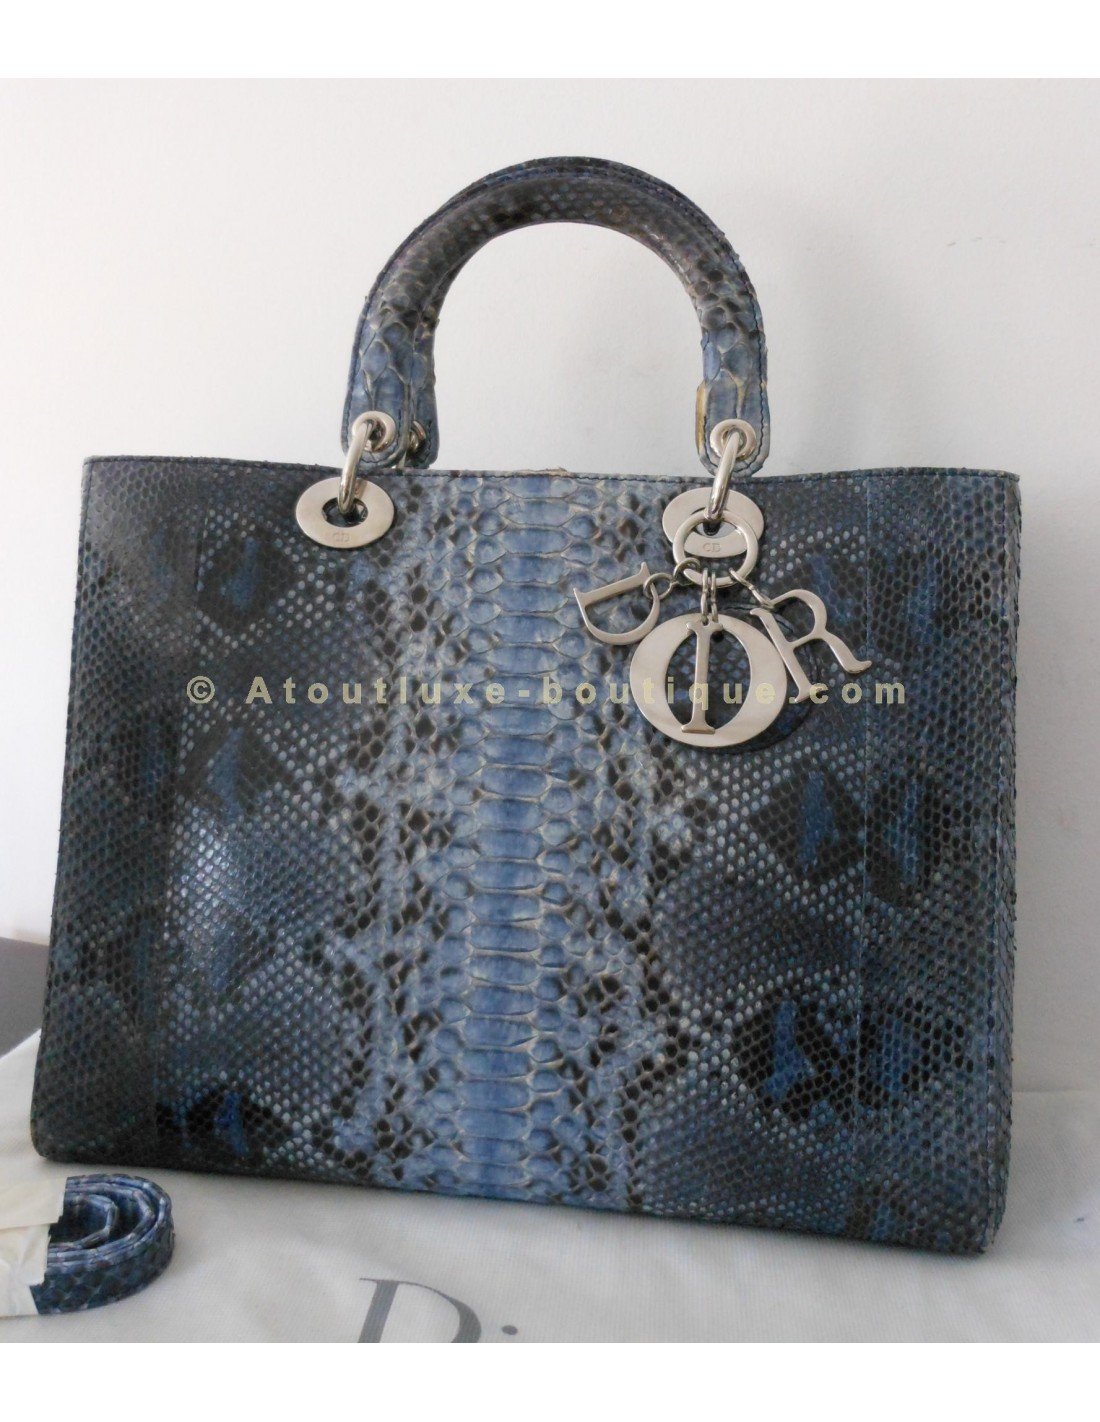 84b91100613 SAC LADY DIOR PYTHON BLEU - GRAND MODELE - Atoutluxe Boutique